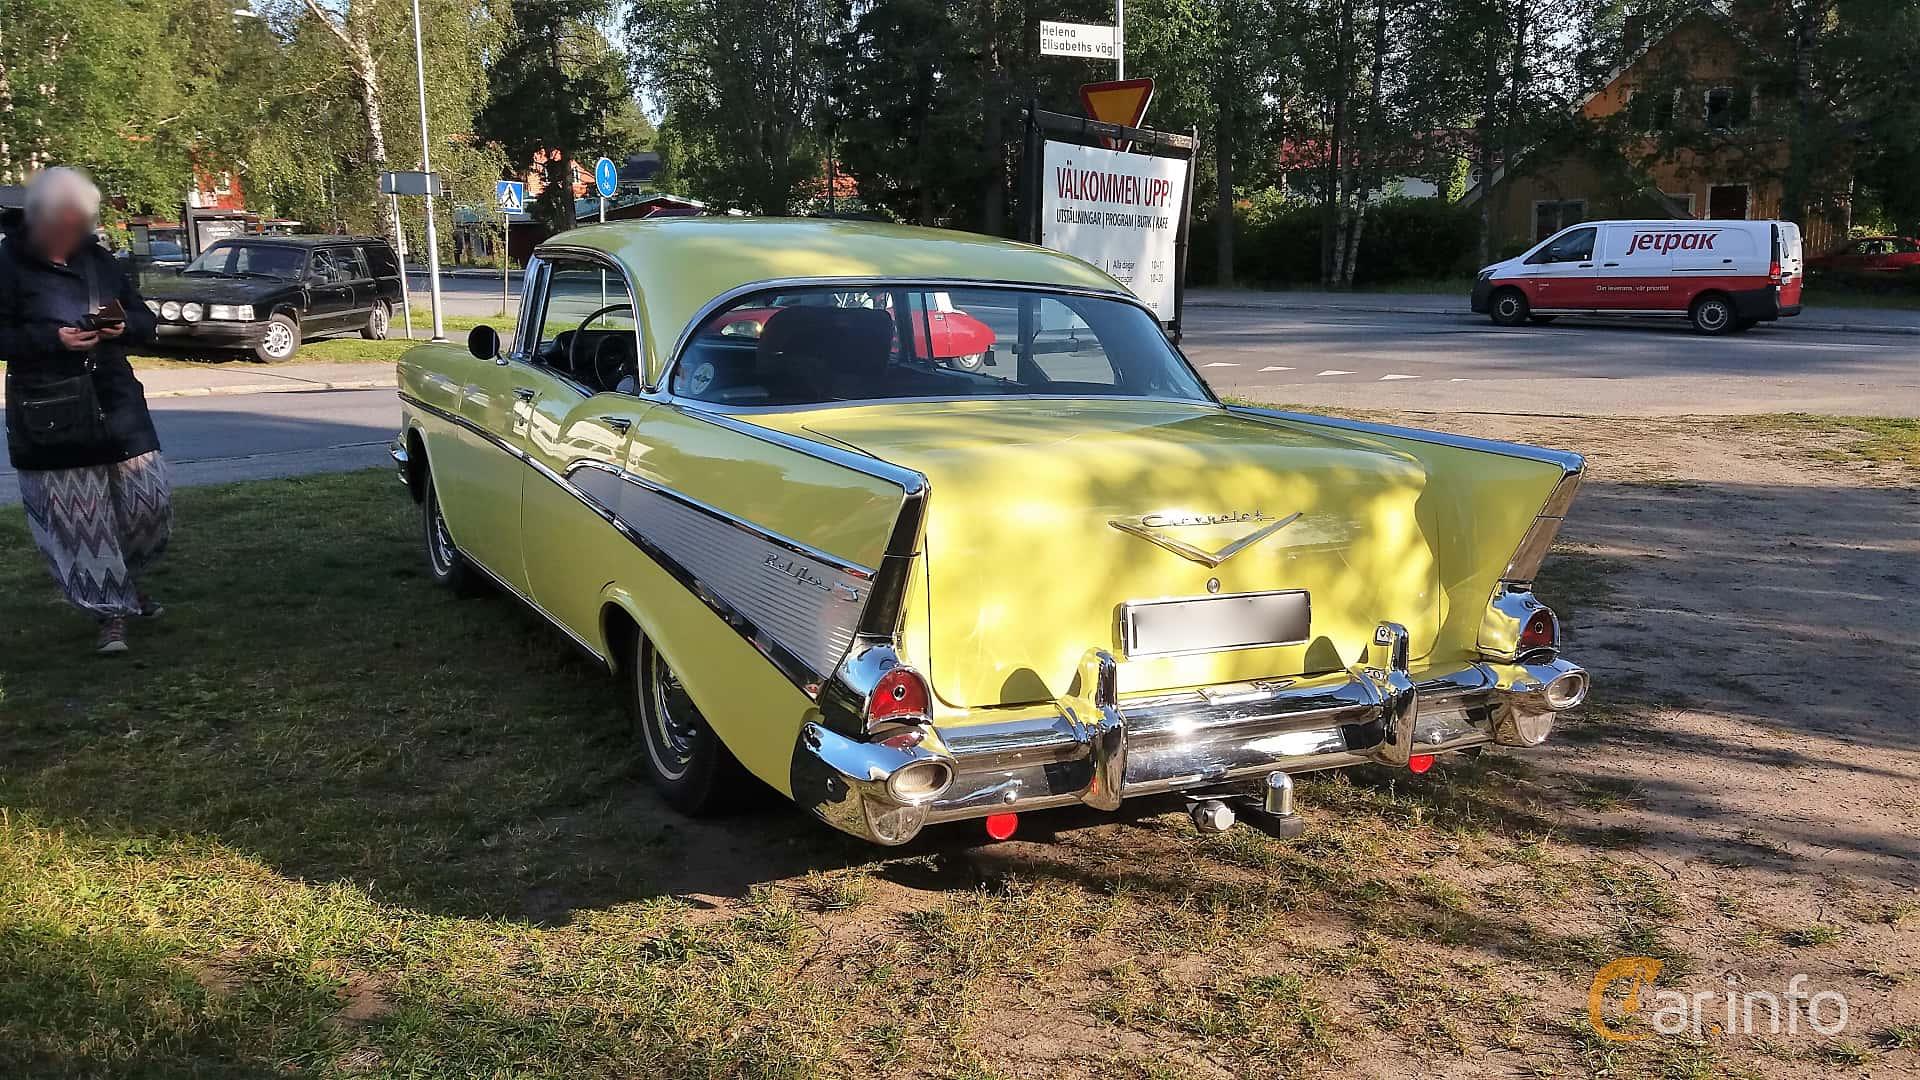 Chevrolet Bel Air Sport Sedan 4.6 V8 Powerglide, 254hp, 1957 at Onsdagsträffar på Gammlia Umeå 2019 vecka 28